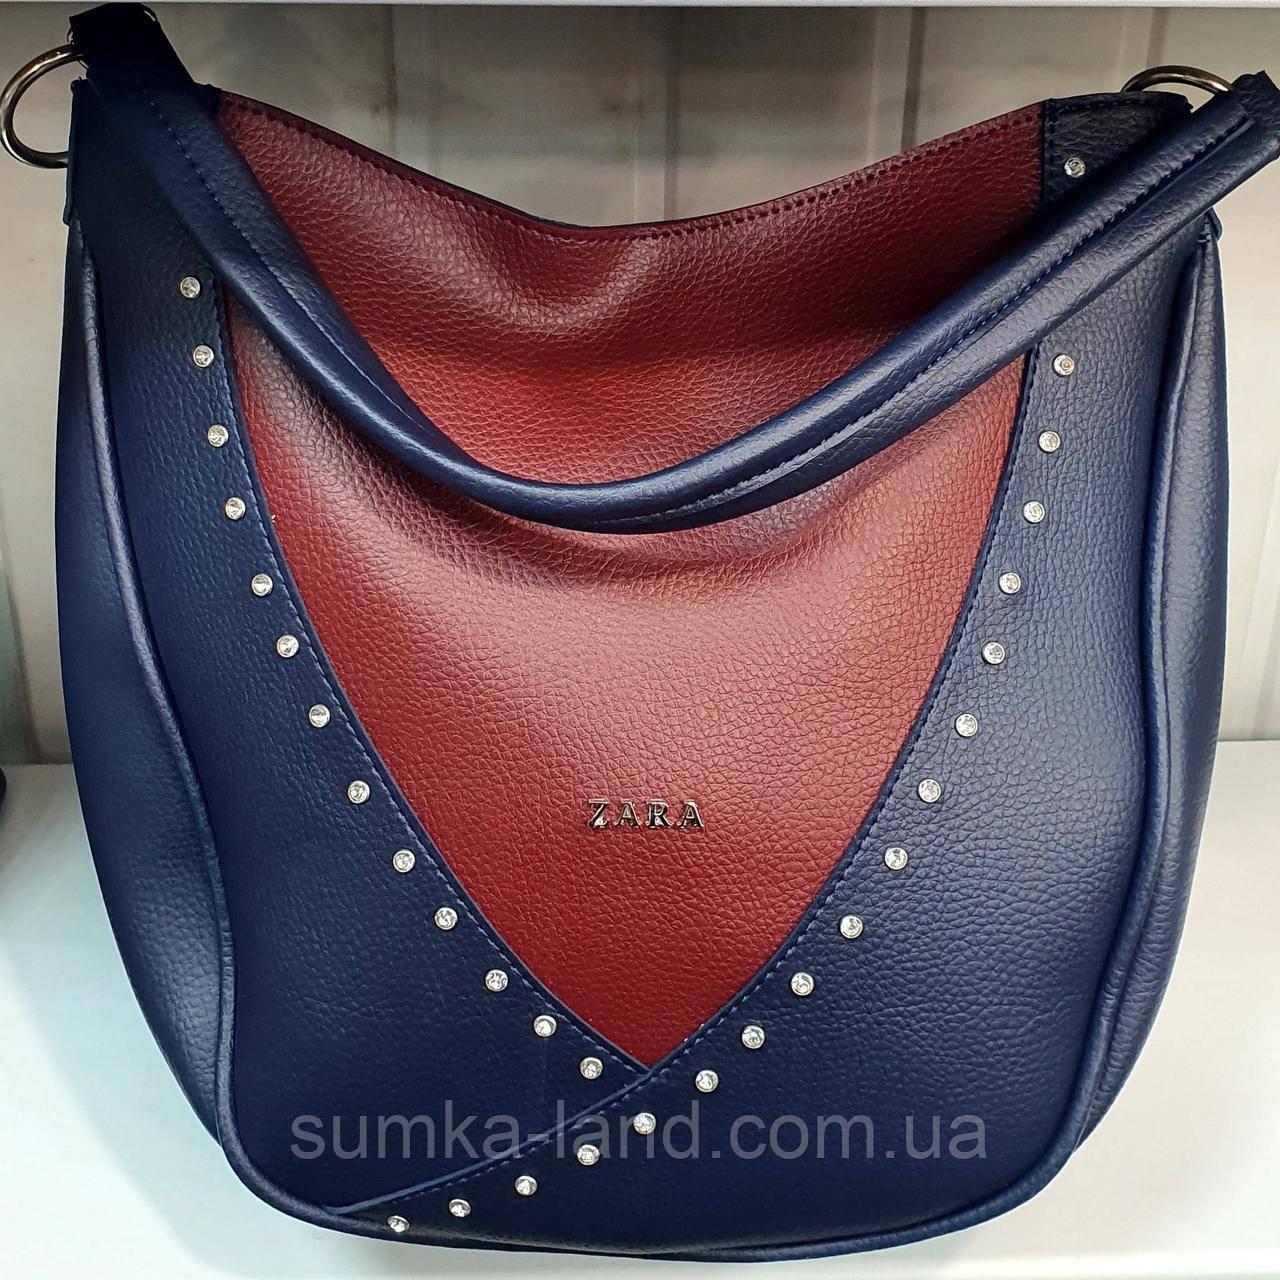 Жіноча молодіжна синя з бордовим сумка-торба на плече Zara зі шкірозамінника 28*33 см